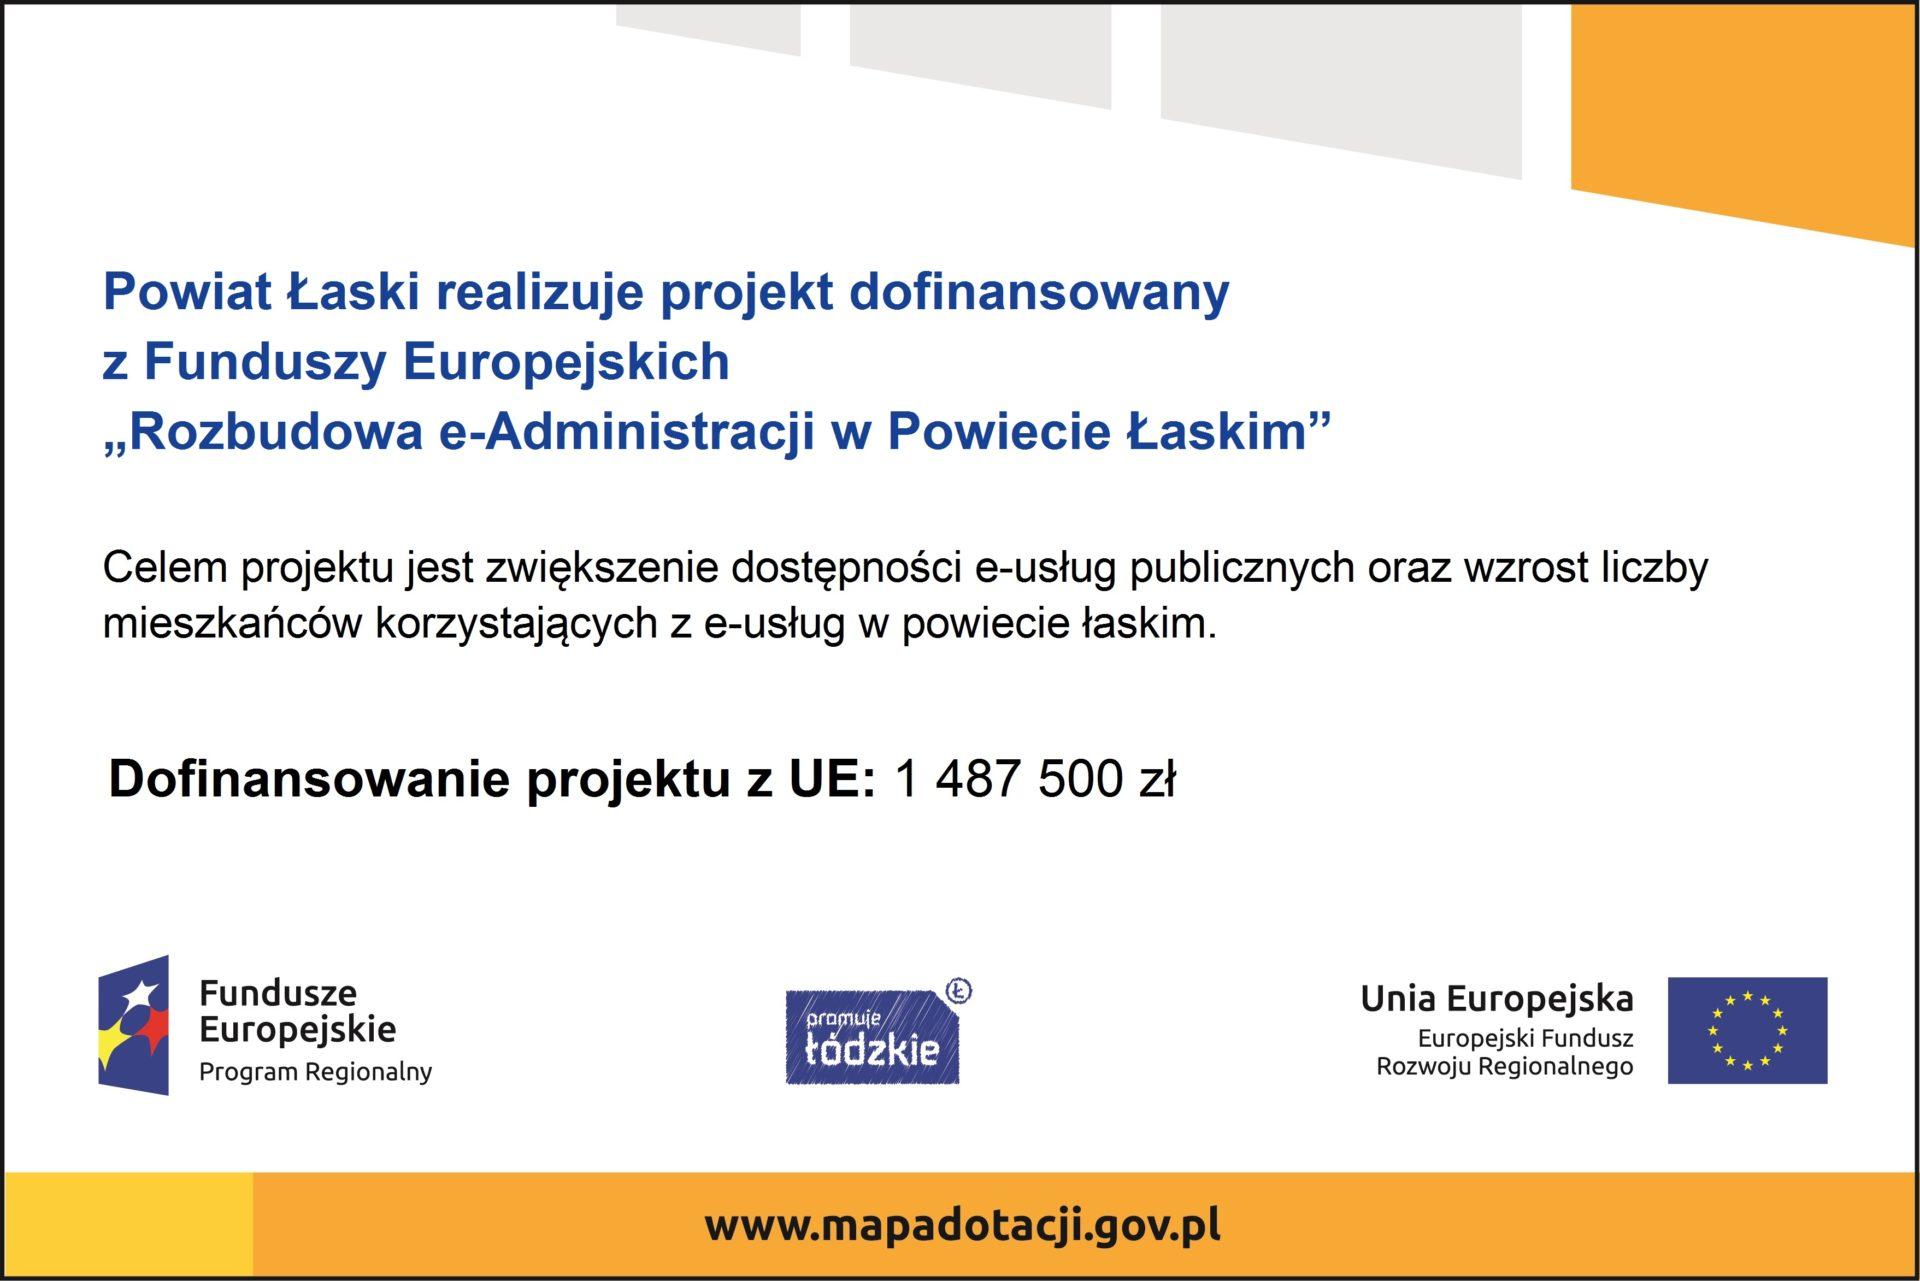 Projekt - Budowa e-Administracji w Powiecie Łaskim